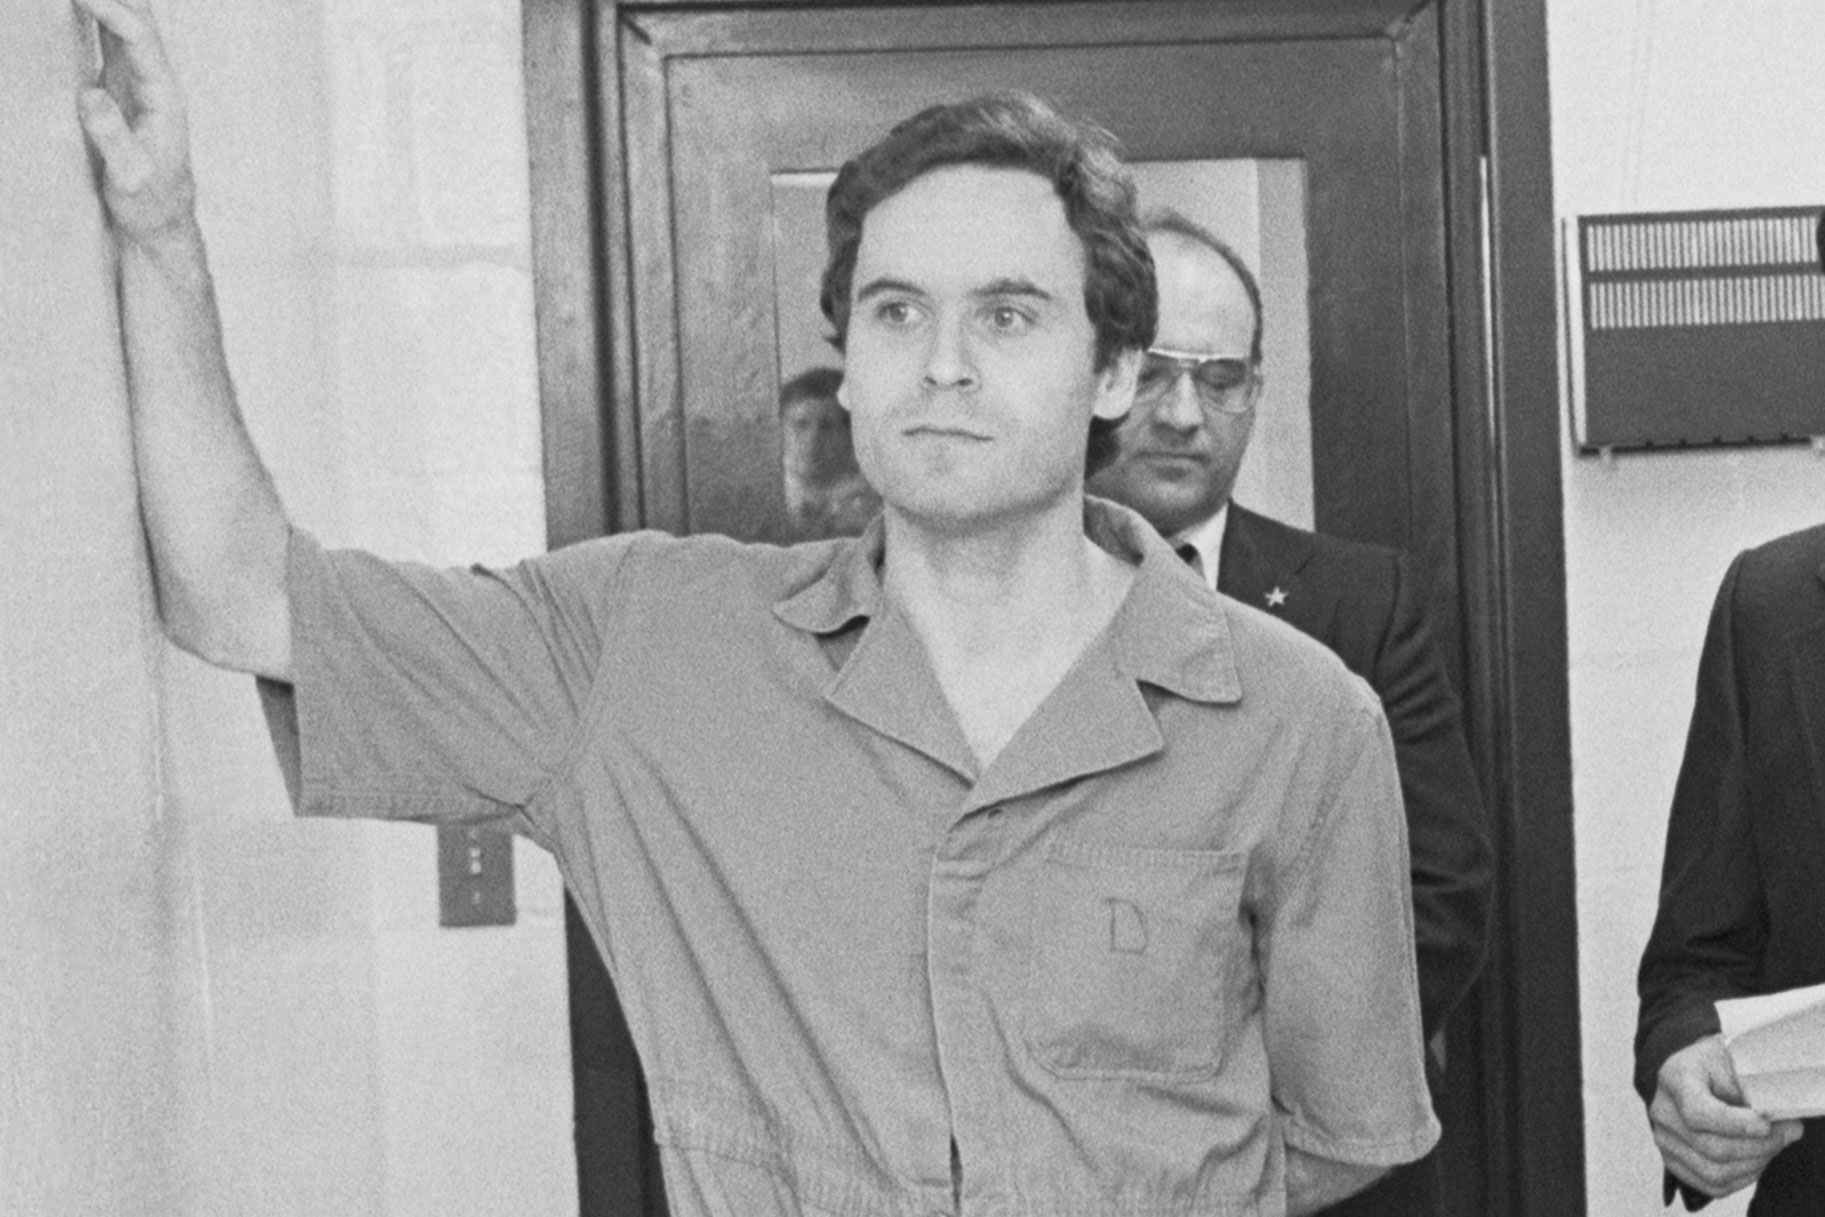 Ποιο ήταν το θύμα που ο Τεντ Μπούντι παραδέχτηκε ότι επέστρεψε στο σπίτι του;